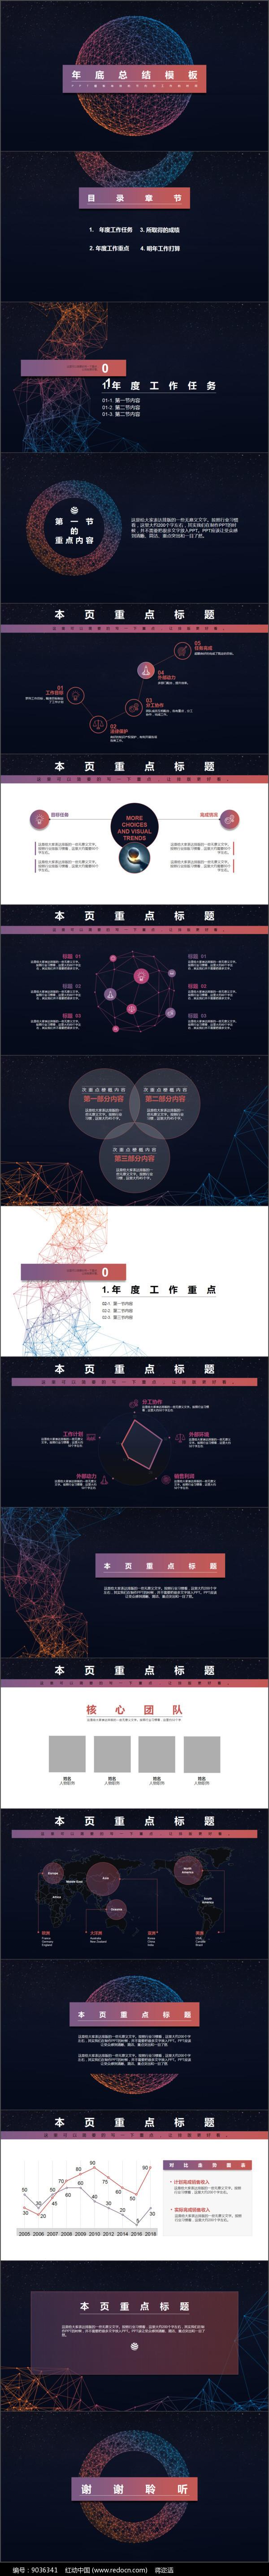 科技感商务PPT模板图片